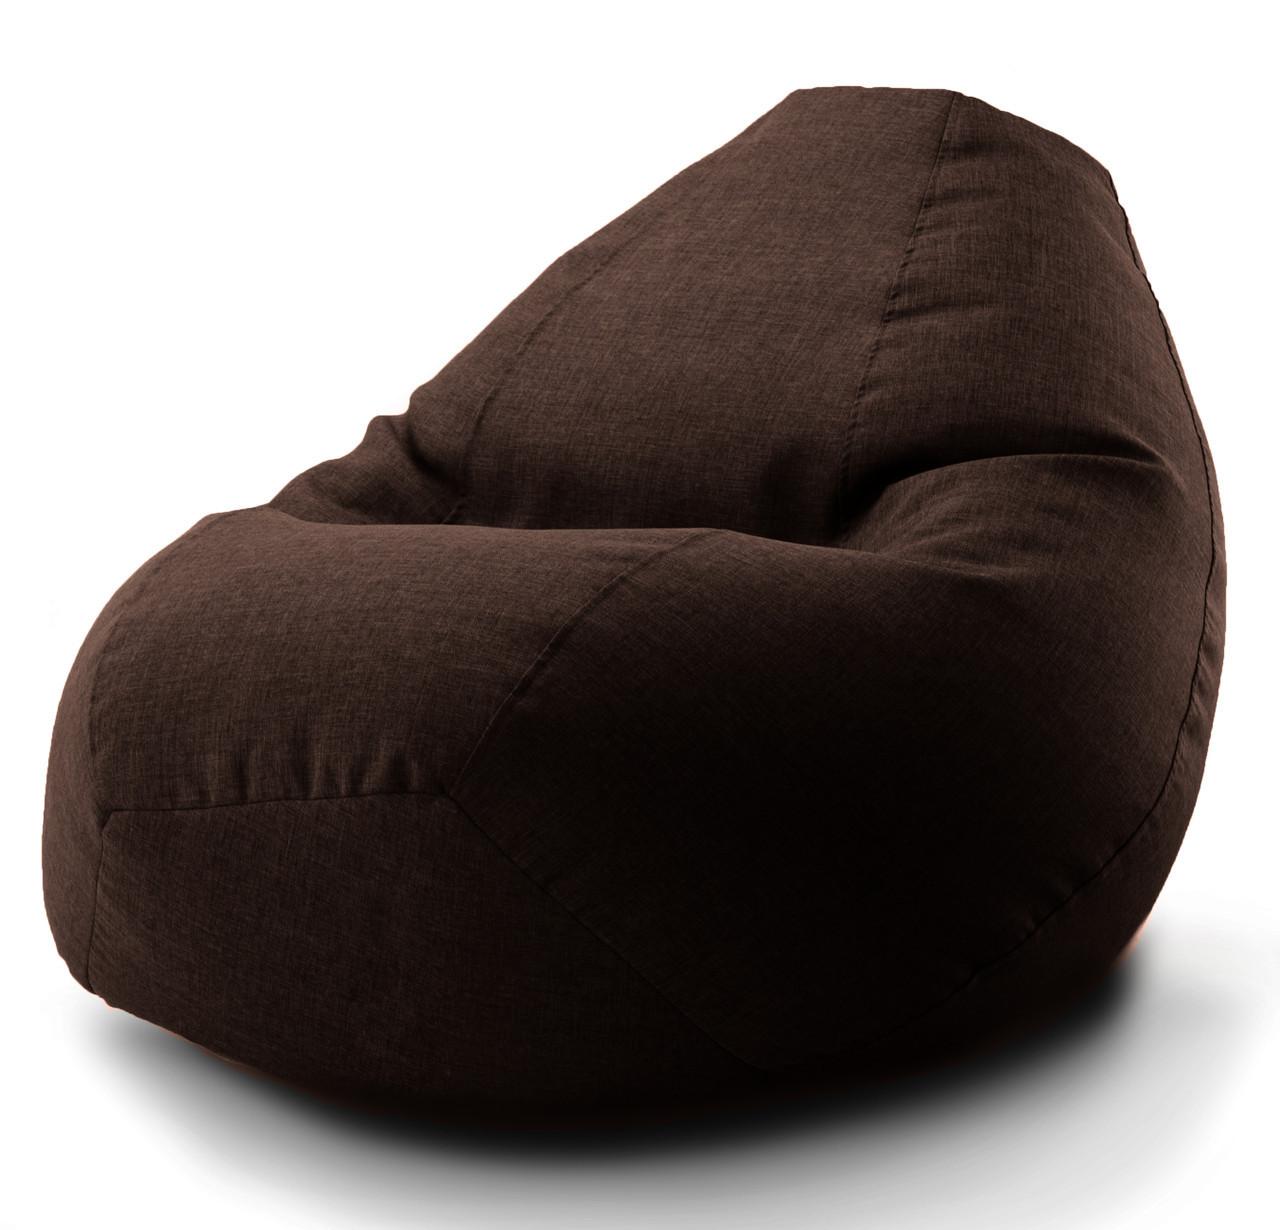 Большое овальное кресло-мешок, груша Микро-рогожка 90*130 см